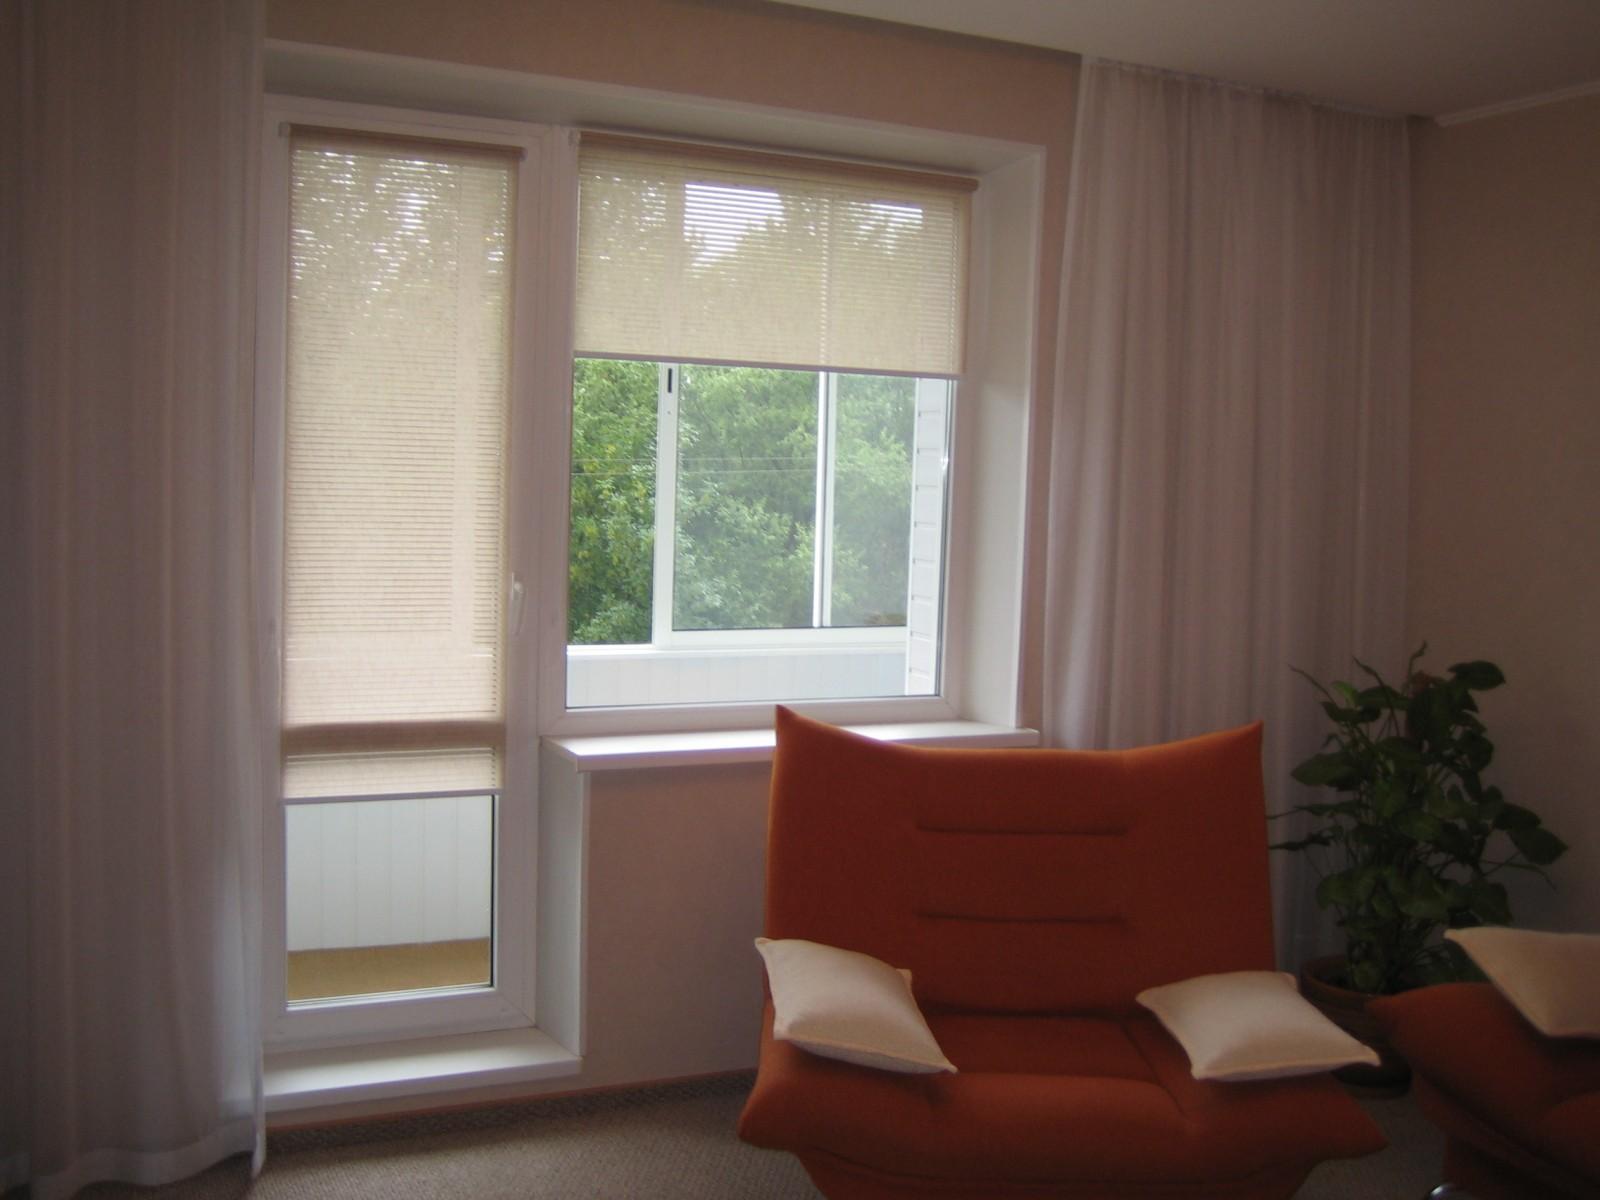 Шторы на окна с балконной дверью: варианты для кухни, спальн.